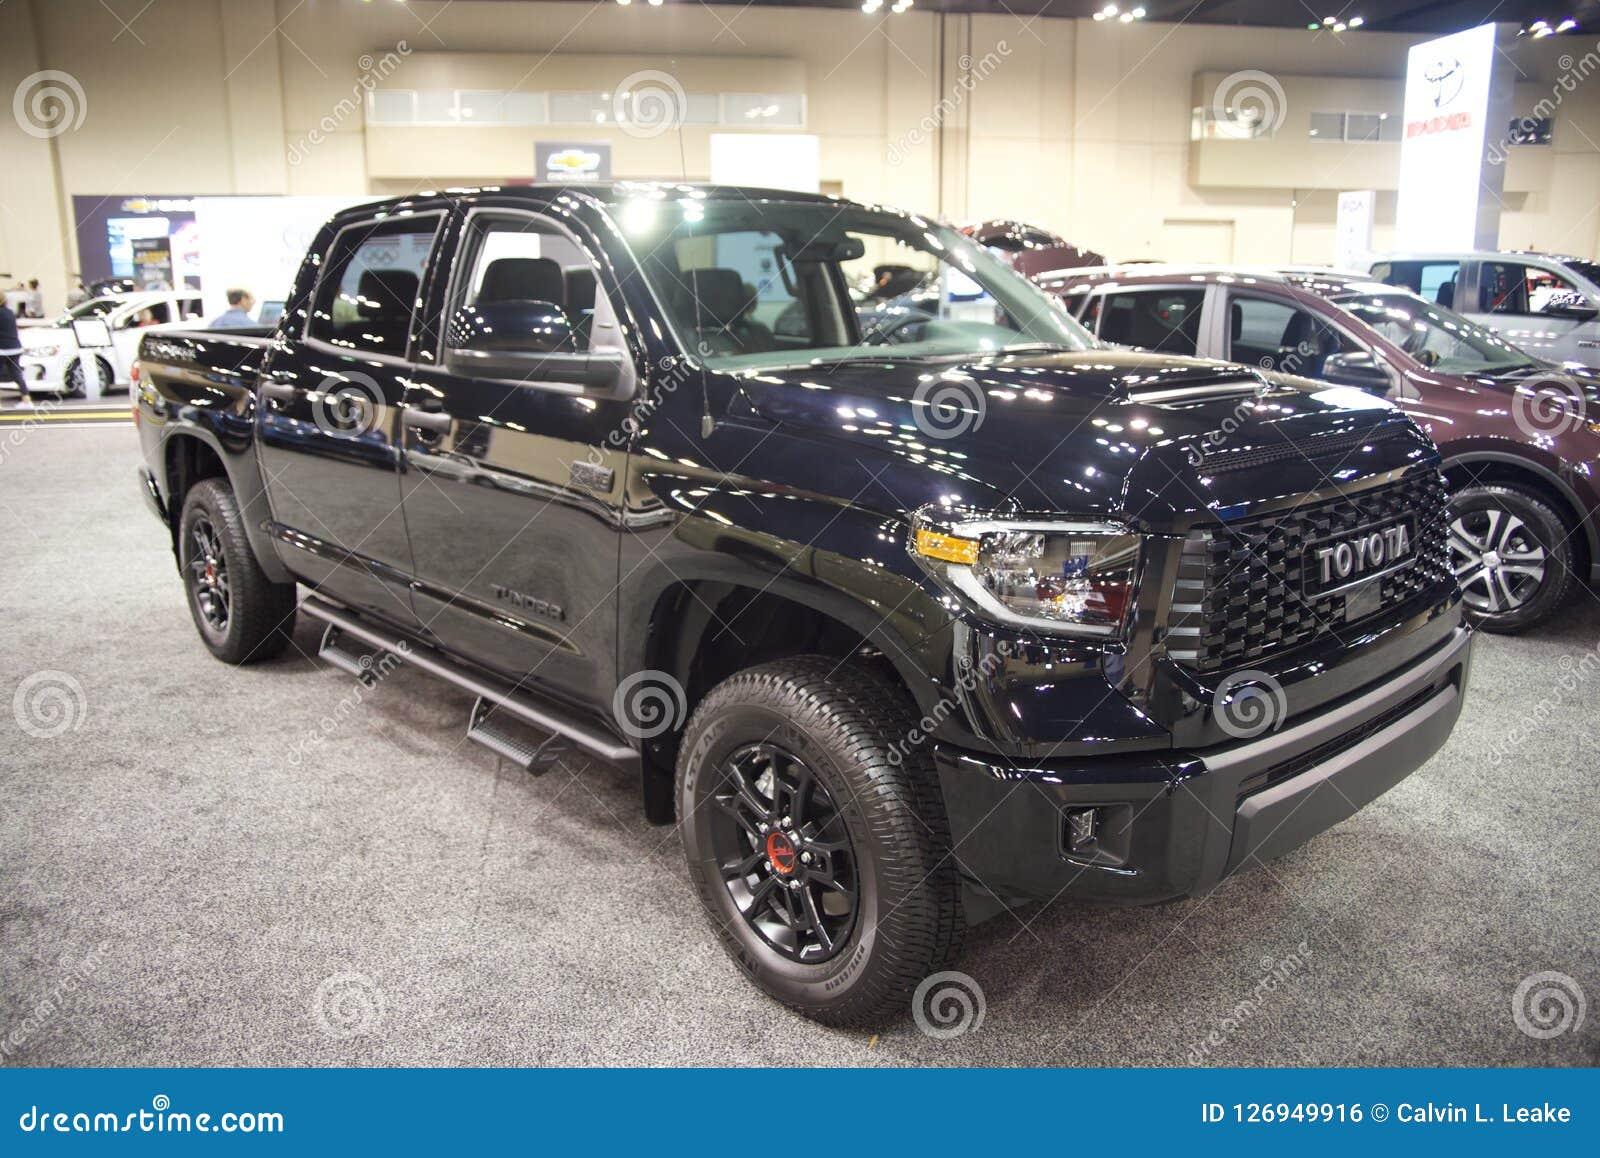 Toyota-Toendra 2019